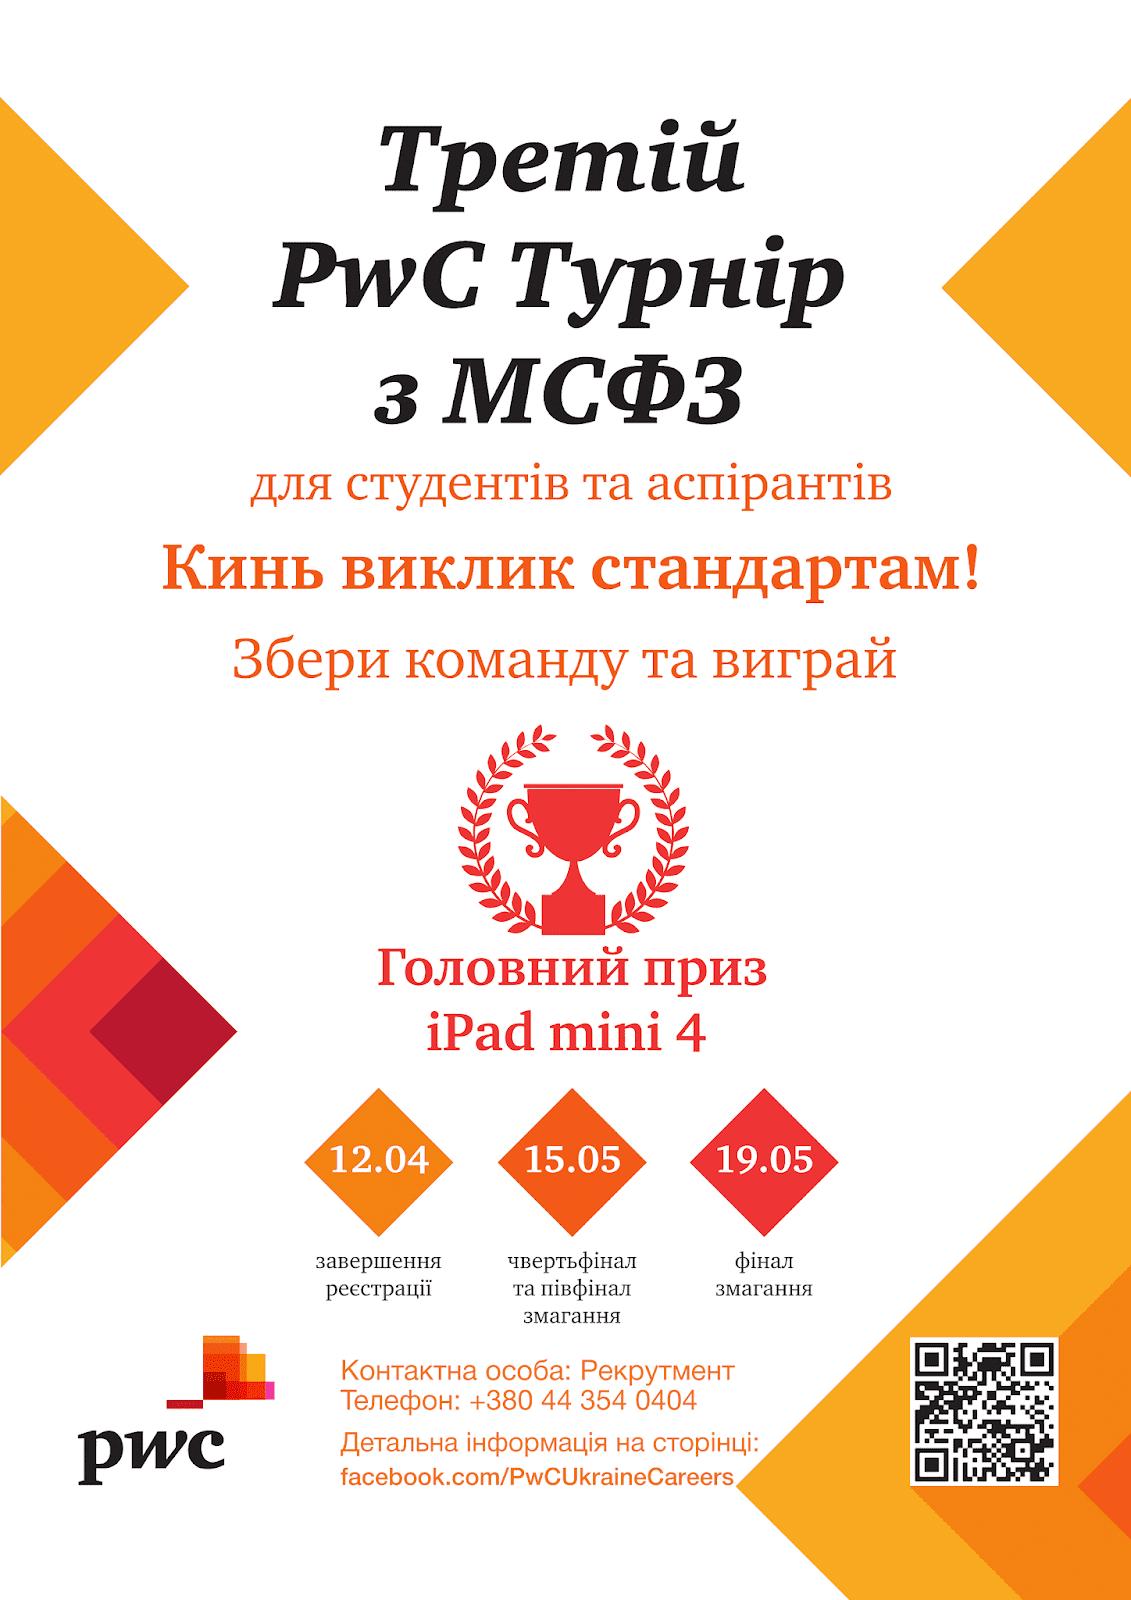 Освітні та кар'єрні можливості для студентів та випускників від PwC Україна